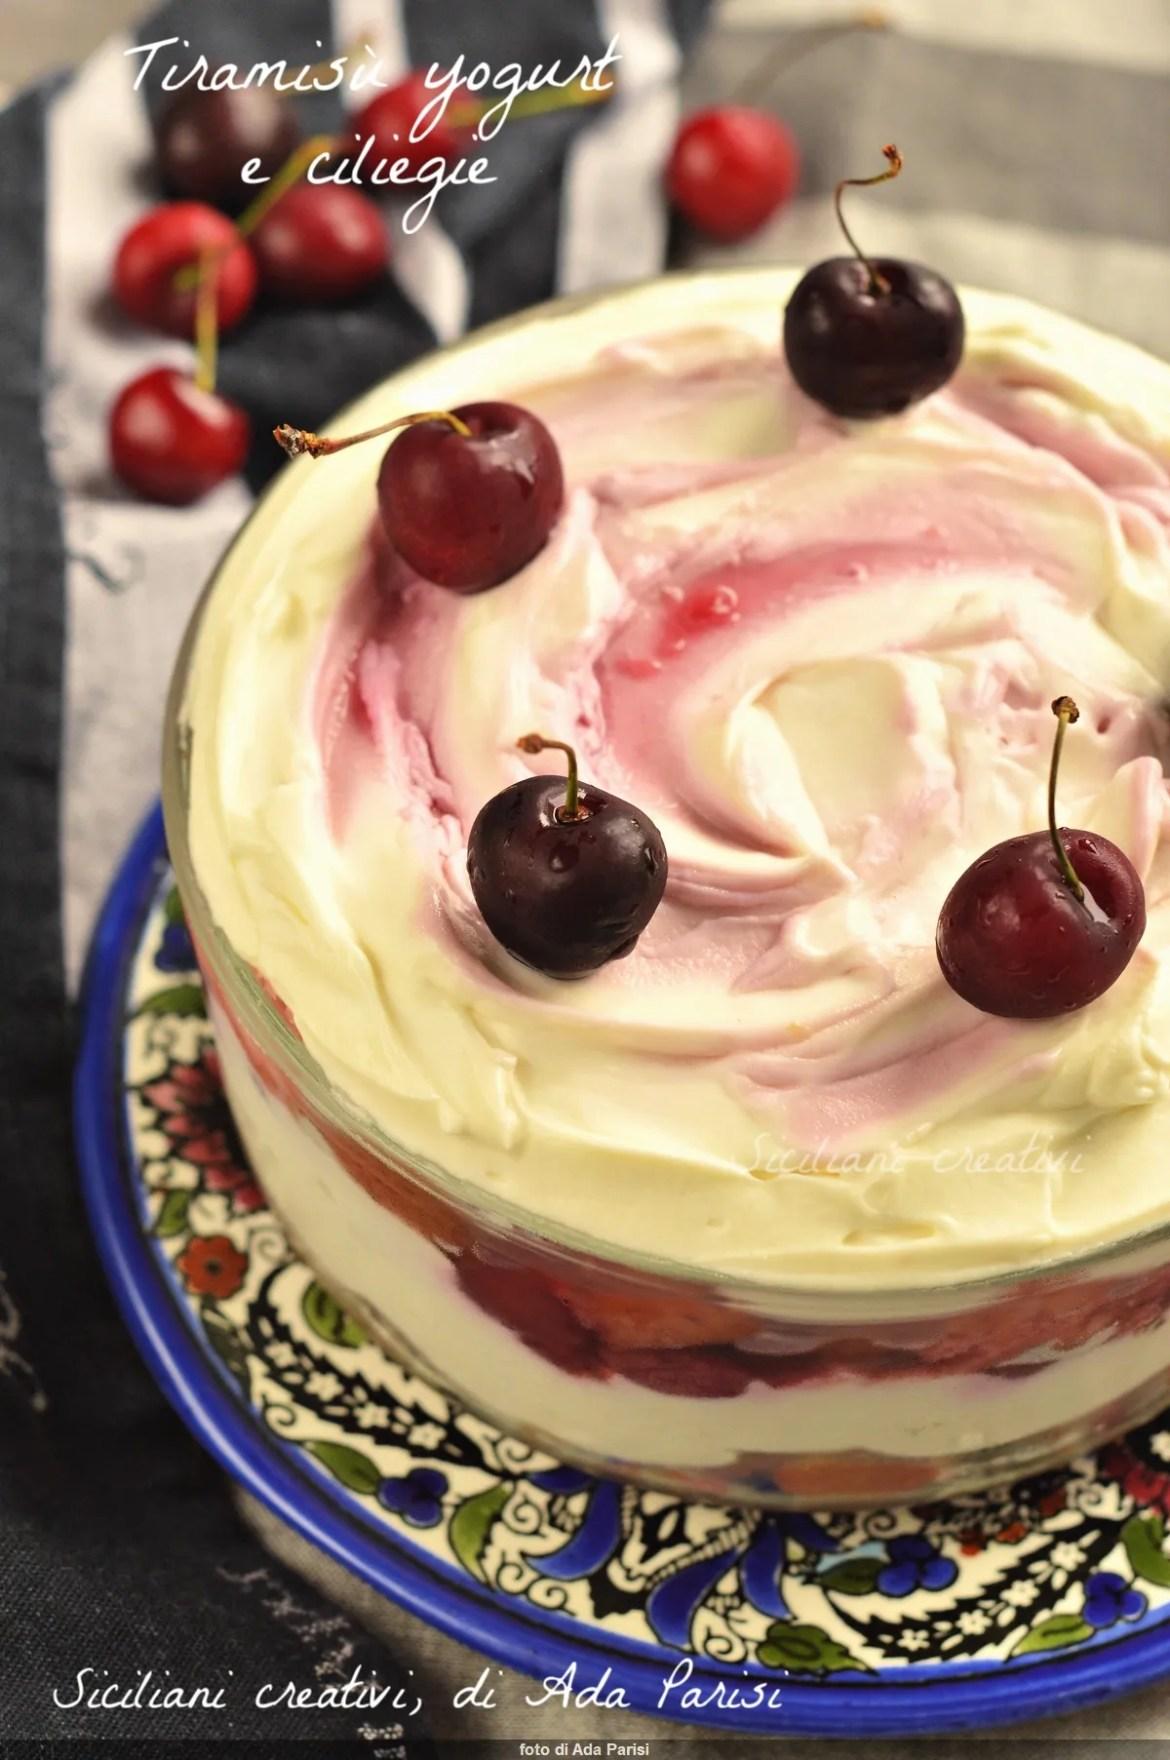 Tiramisu yogurt and cherries: egg-free and fresh